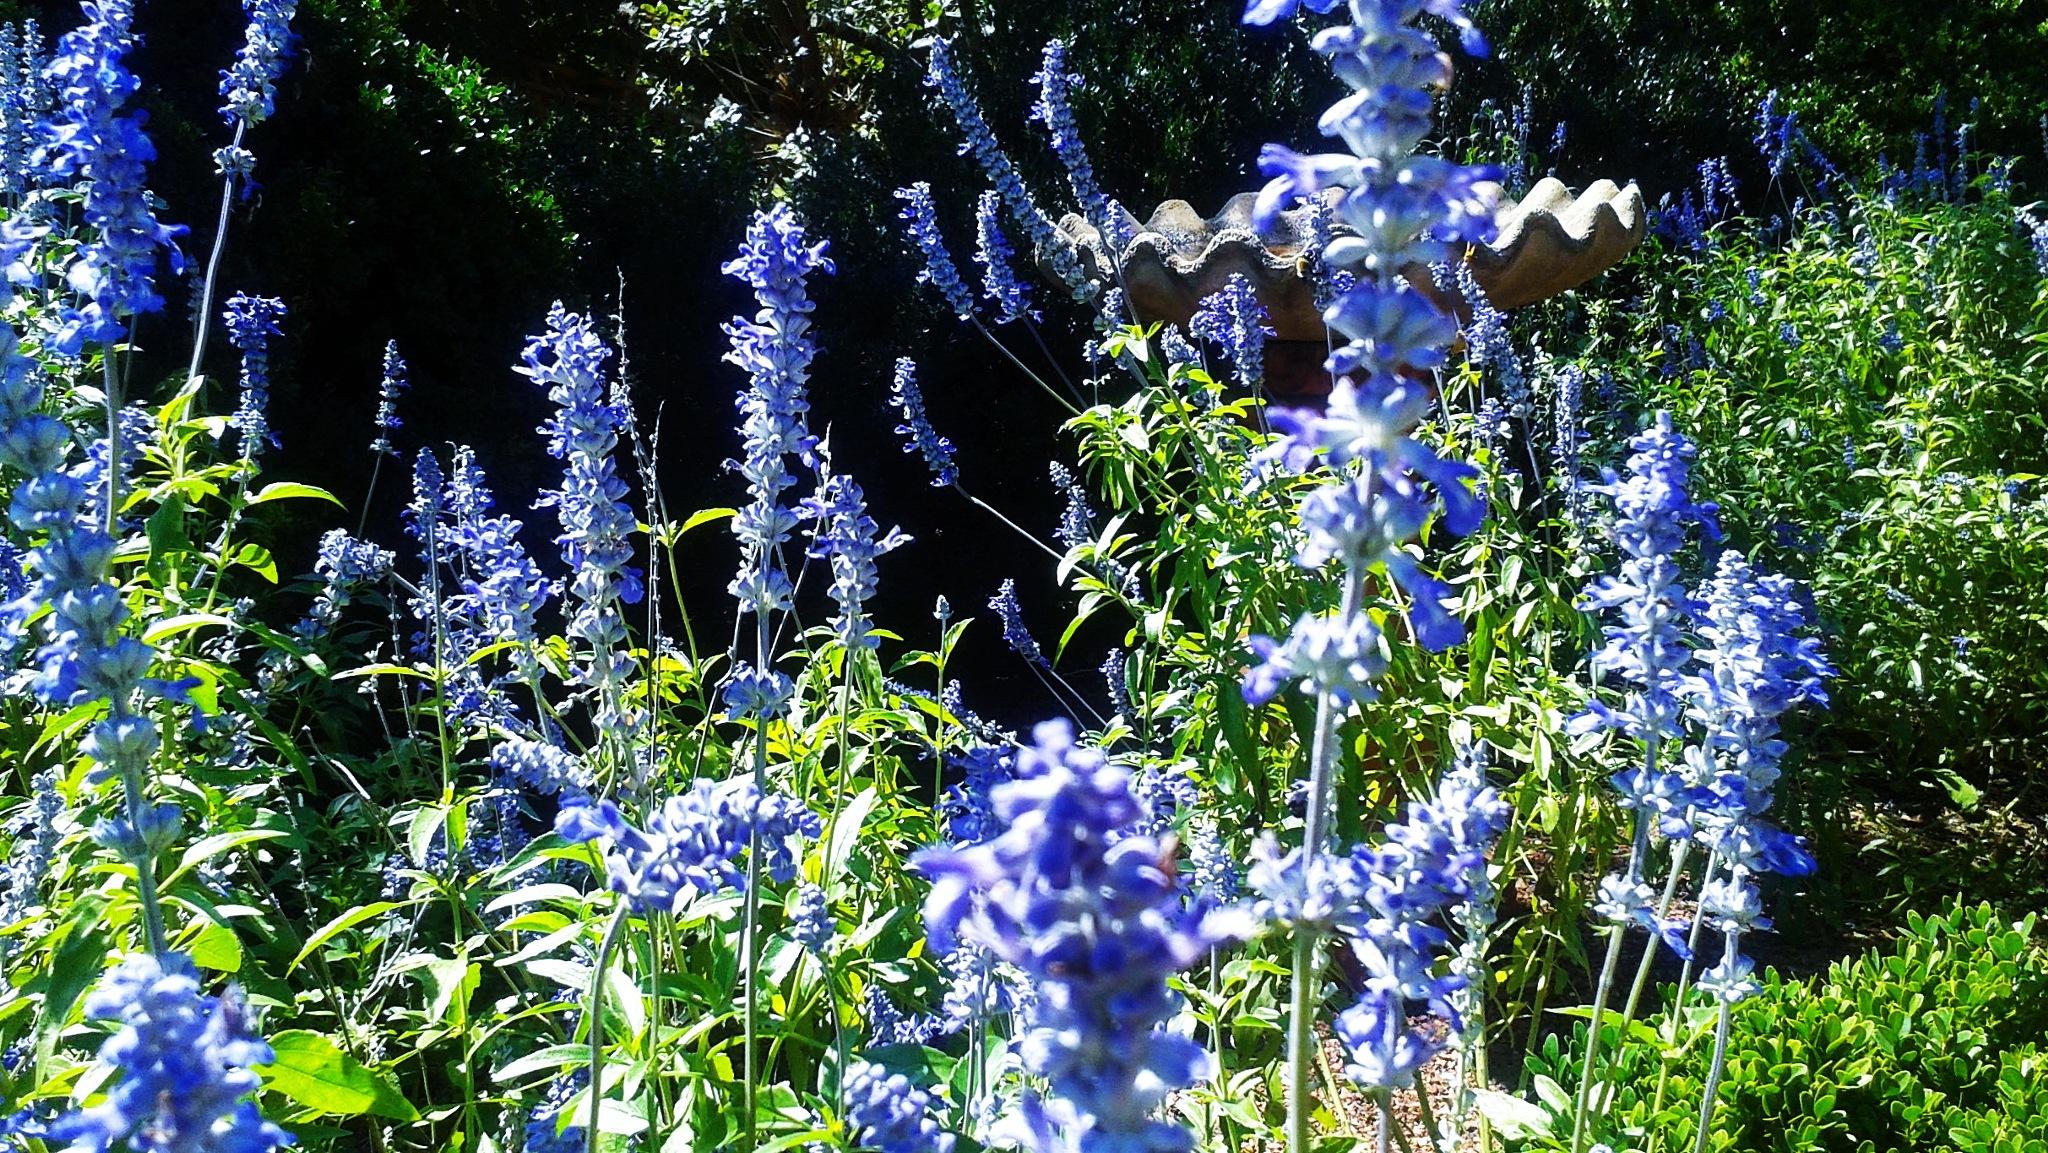 Lavender in the Garden by Julie Piwaron